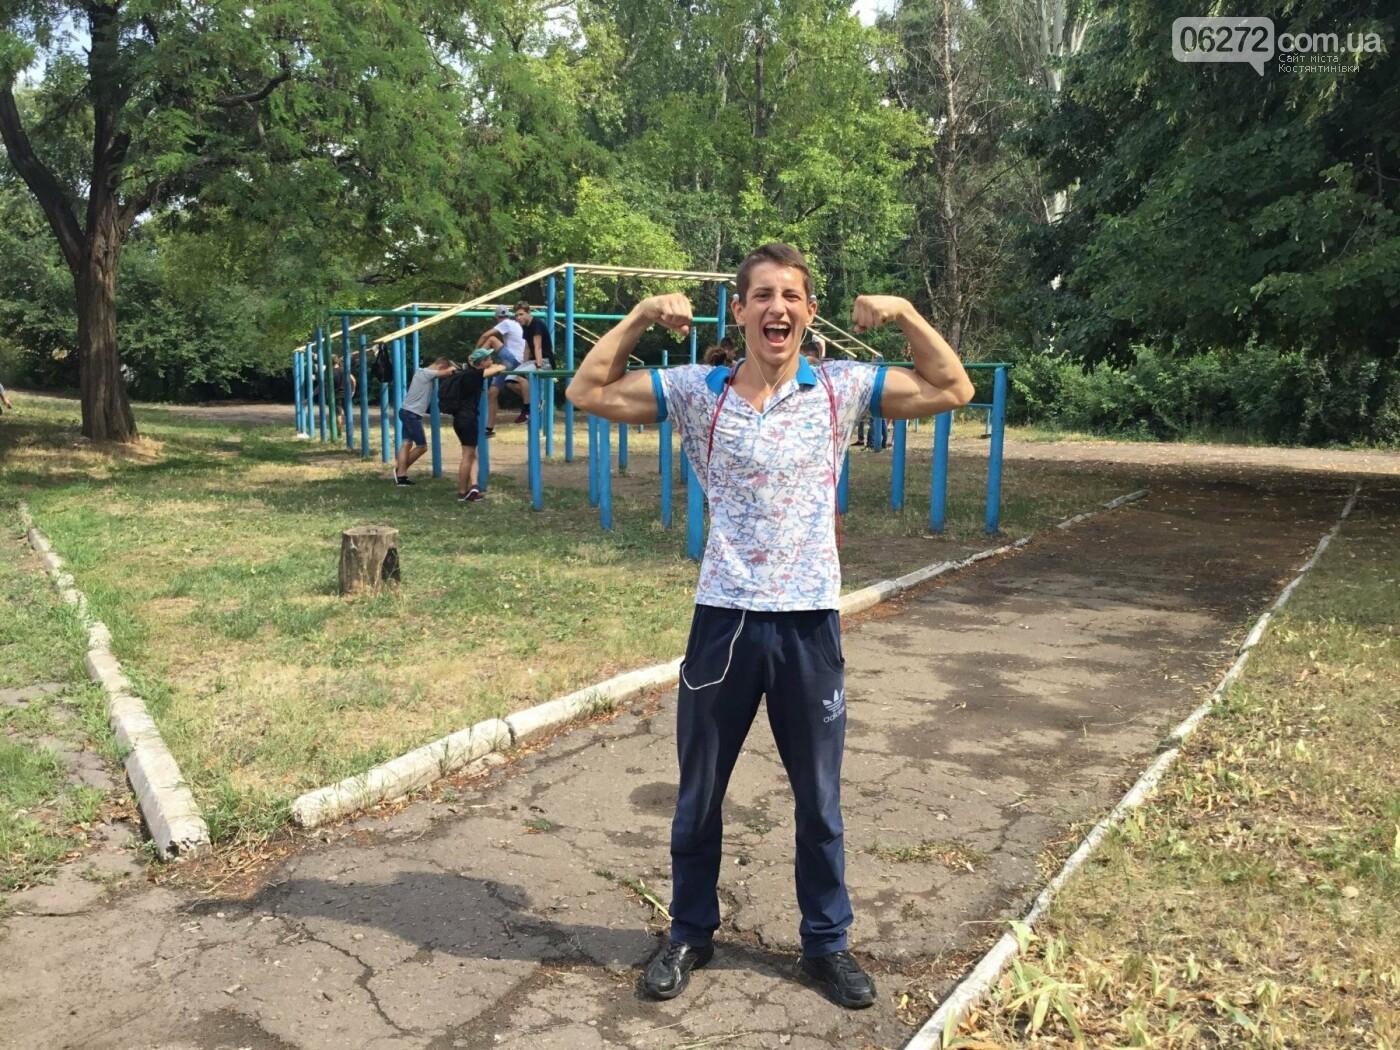 В Константиновке спортсмены приняли участие в соревнованиях по Street Workout, фото-2